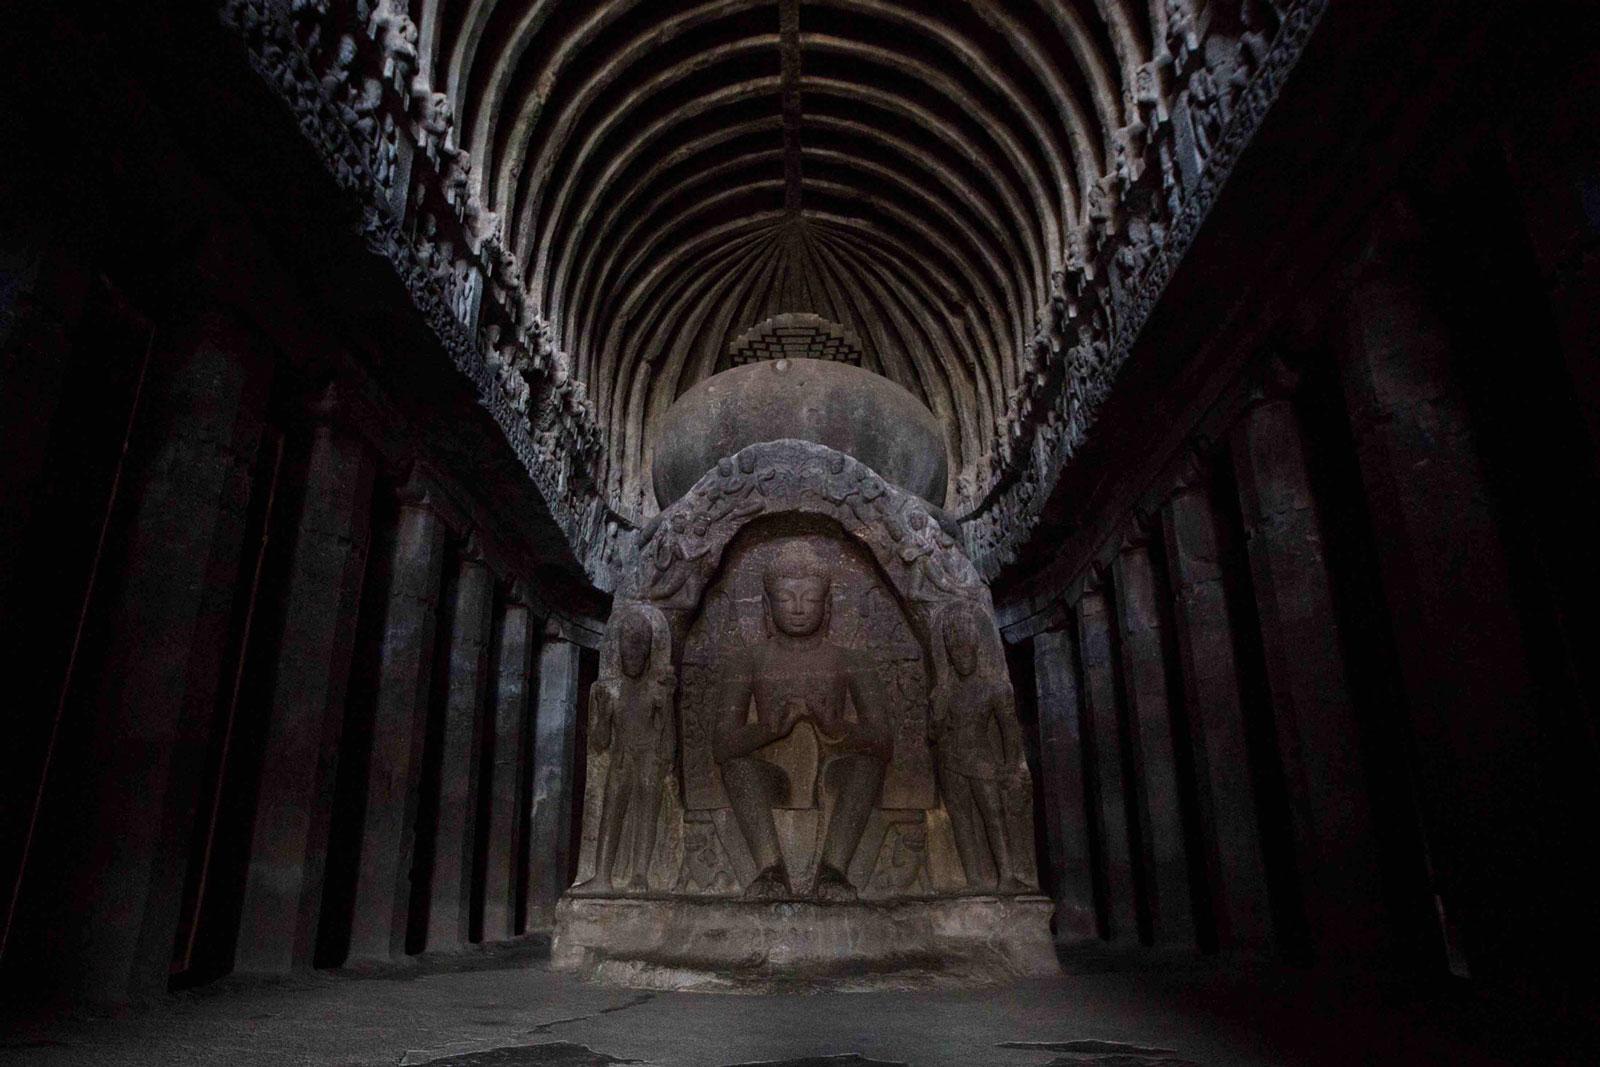 elorabuddha